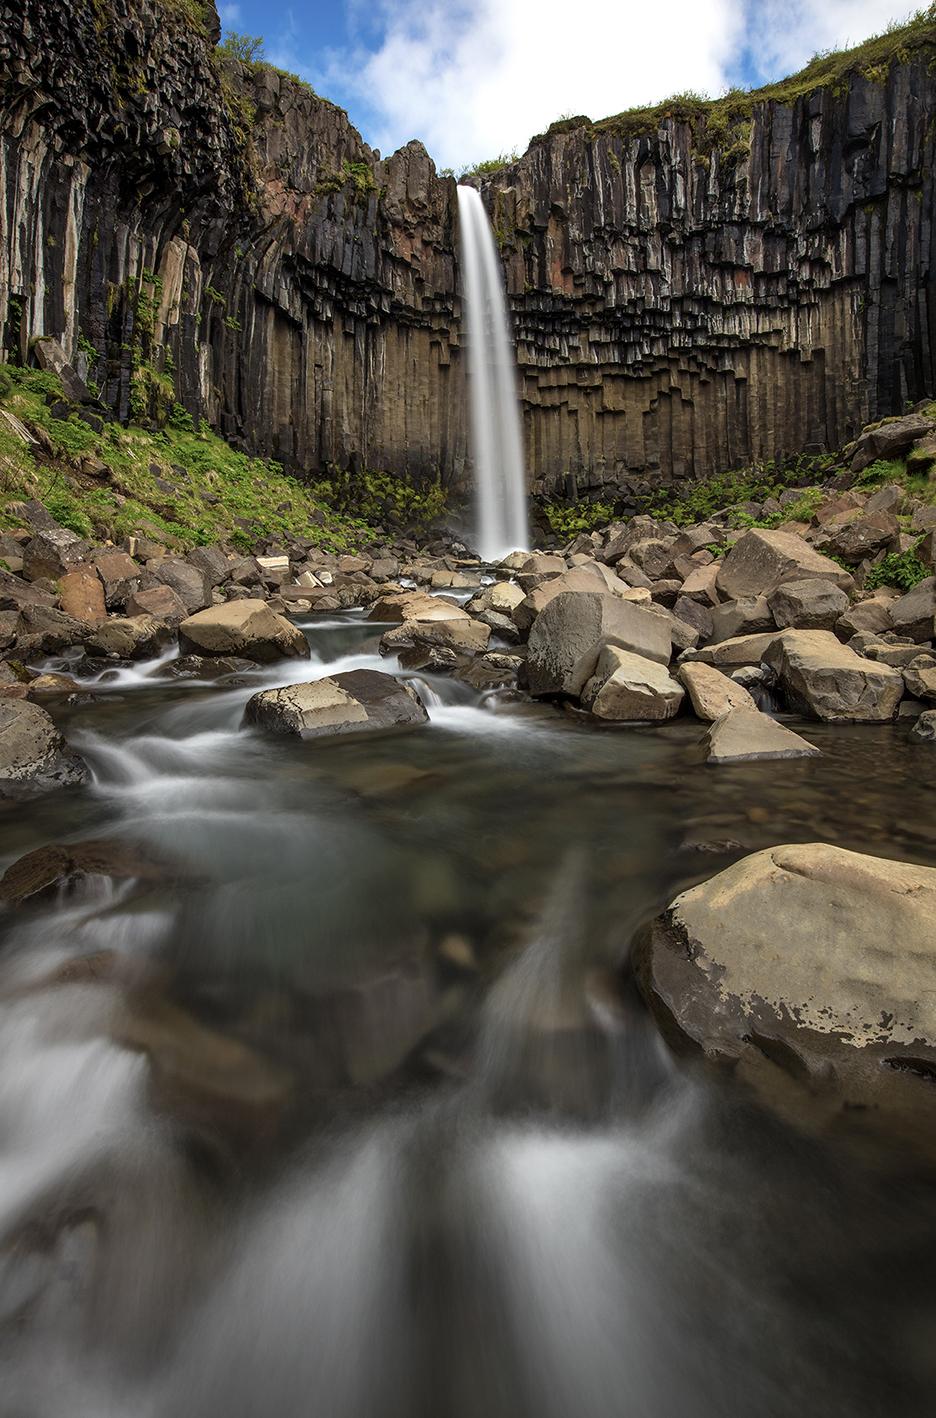 Svartifoss Iceland waterfall basalt, photo